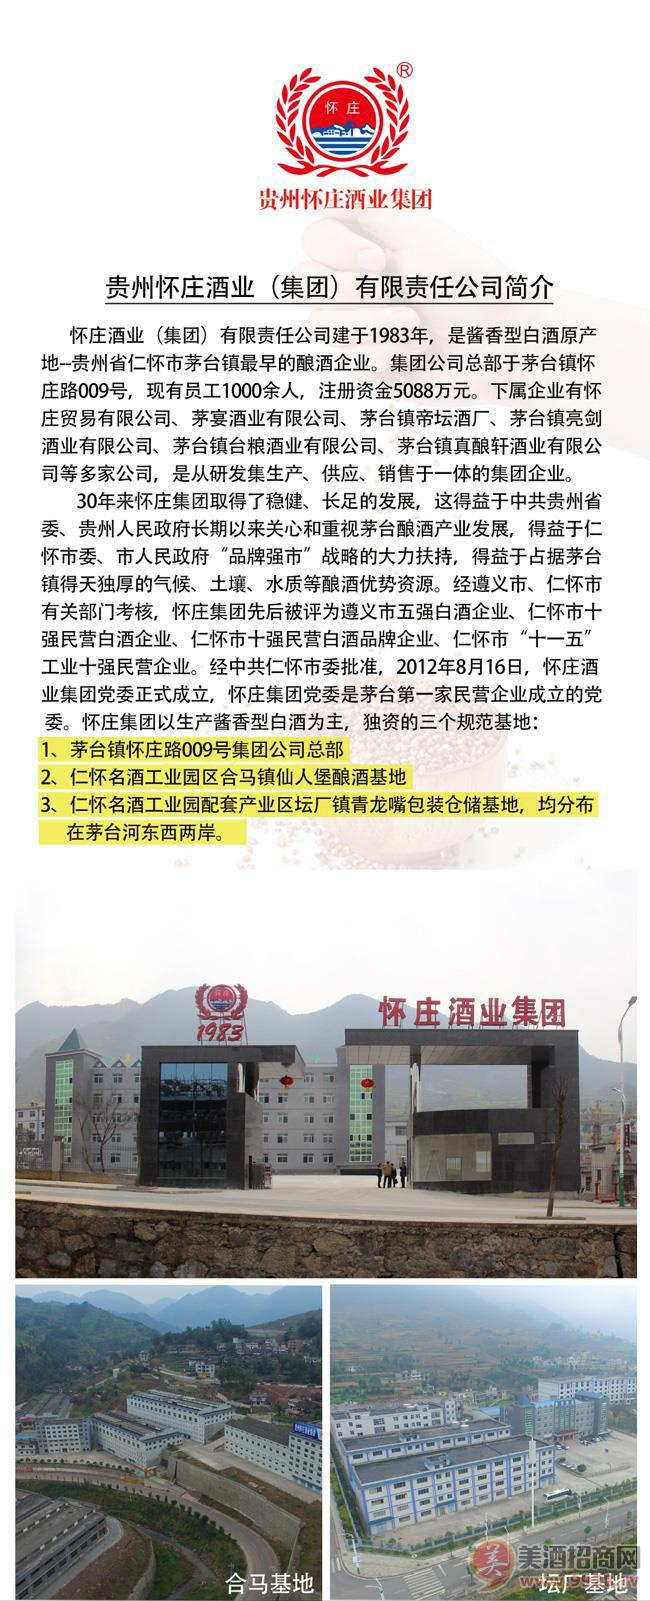 贵州怀庄酒业(集团)有限责任公司怀庄御酱系列